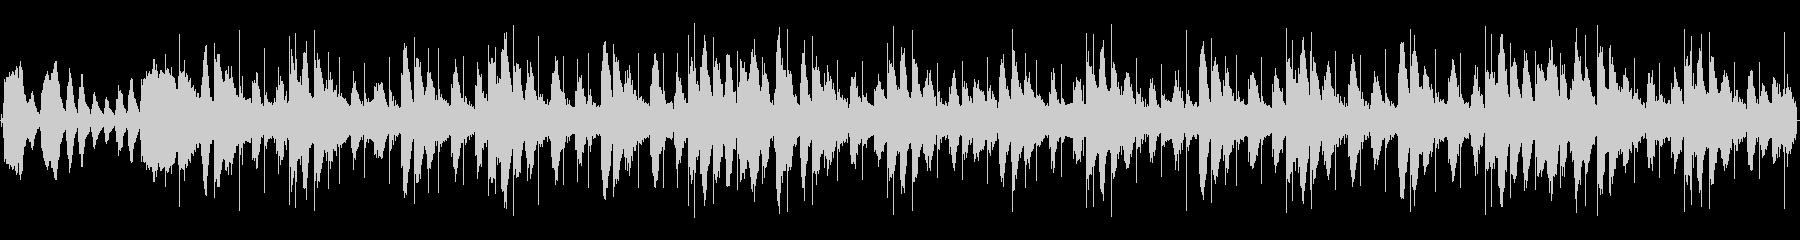 オーケストラ ゲームの場面転換などの未再生の波形